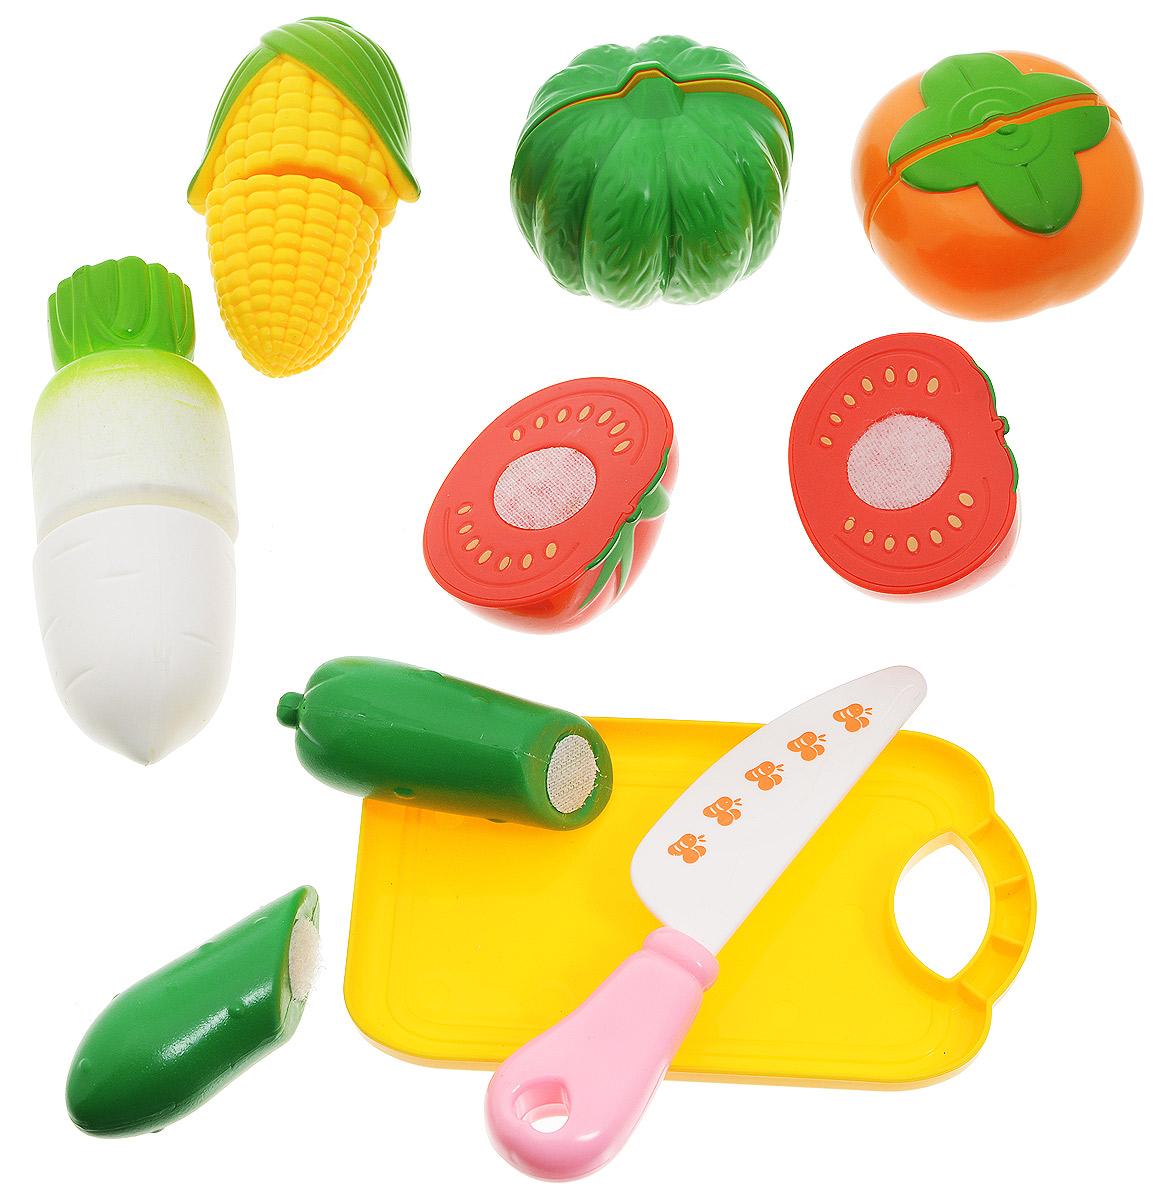 ABtoys Игрушечный набор продуктов цвет доски желтыйPT-00151(WK-A1193)-noНабор продуктов ABtoys - удобный способ в игровой форме научить ребенка основным обязанностям и технике безопасности. В игровой набор входят безопасный игрушечный ножик, разделочная доска и овощи. Очень яркие и натурально выглядящие муляжи овощей, разделены на половинки и соединены между собой липучкой. И когда ребенок ножом из набора разрезает игрушечные продукты, то получается такой же характерный звук, как у мамы, когда она на кухне нарезает продукты. Эта реалистичность, несомненно, вызовет восторг у девочки, и разнообразит ее игры. С таким дополнением к детской кухне, девочка станет самой настоящей маленькой хозяюшкой, и с удовольствием накормит обедом не только кукол, но и всю семью. Набор не содержит мелких деталей, поэтому ребенок может играть с ним и дома, и на улице, не боясь потерять, что-либо. Выполнен из безопасных материалов.